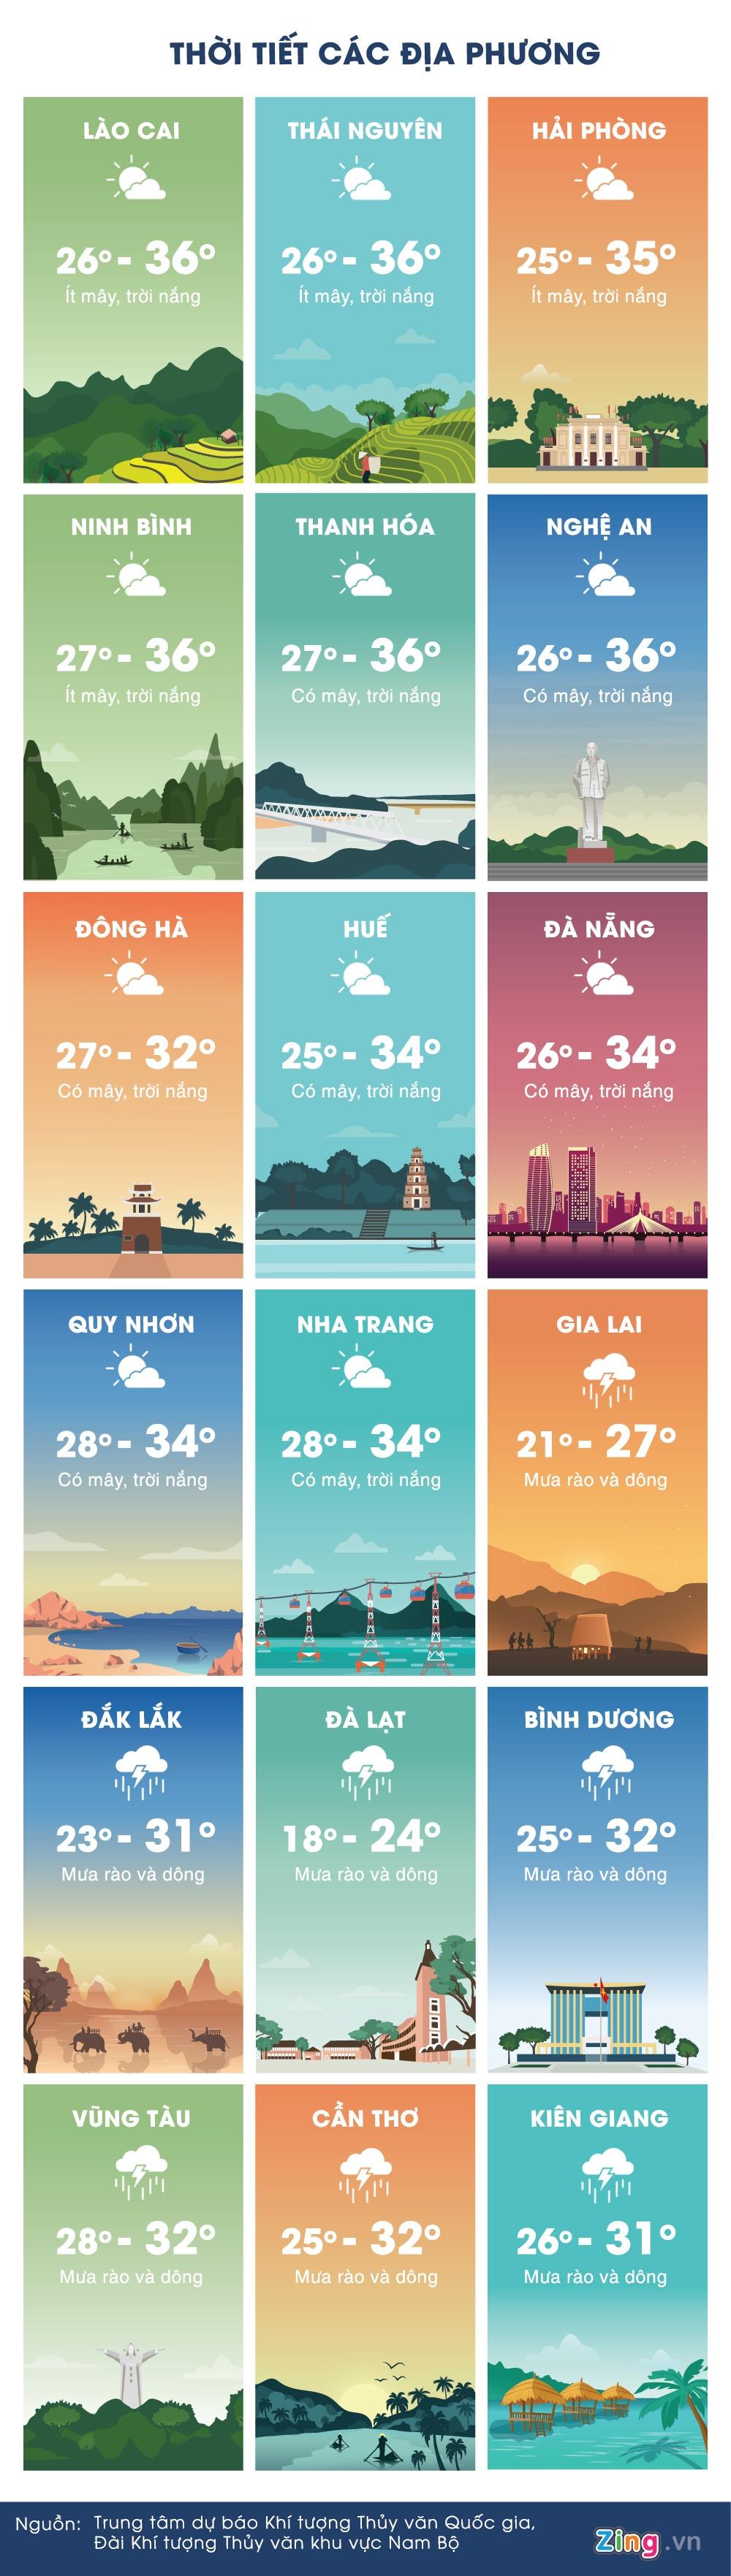 Thoi tiet ngay 8/6: Ha Noi nang nong 37°C hinh anh 3